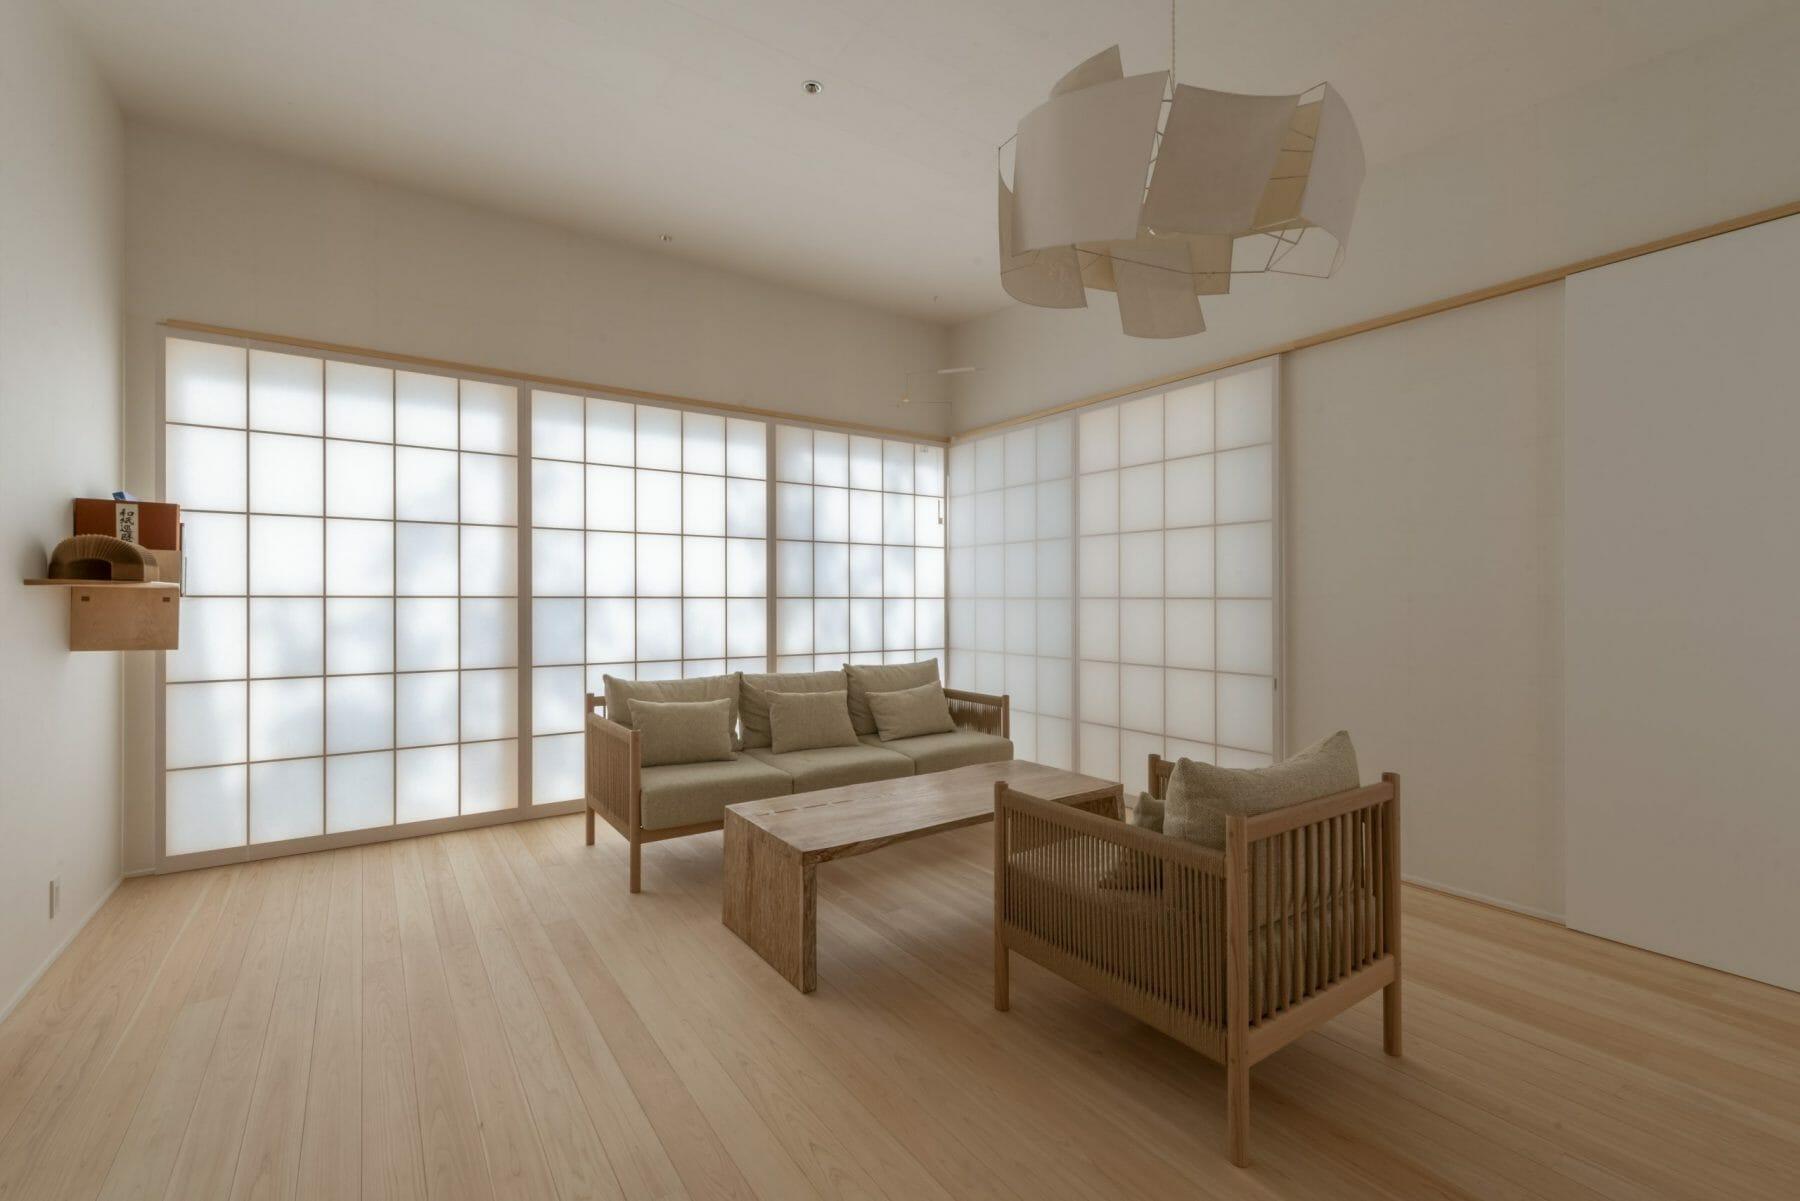 紙季(しき)/天井と壁も和紙貼り。障子を通した光に包まれる。